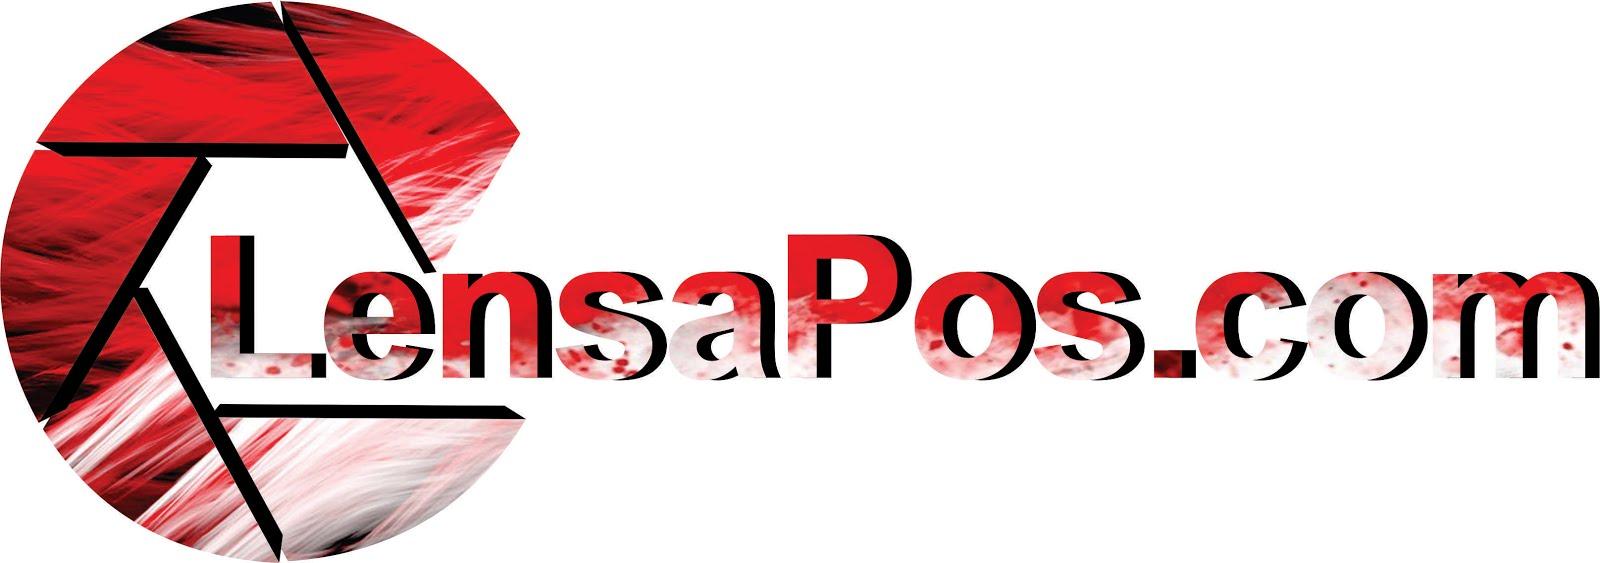 Lensapos.com